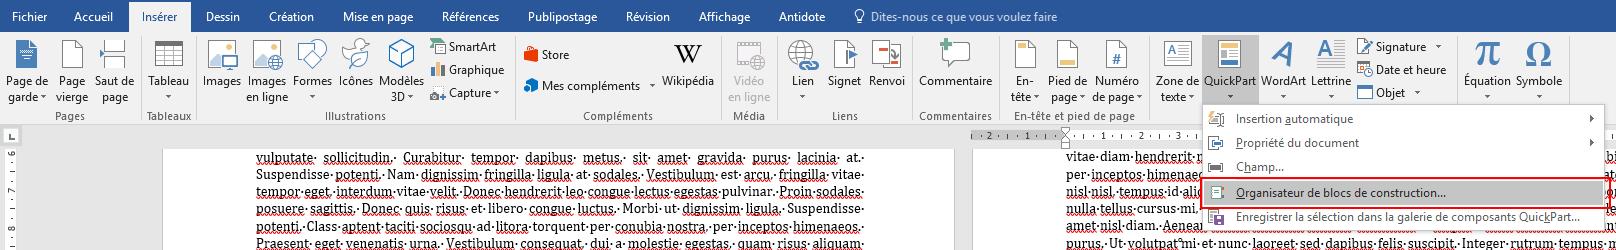 Capture d'écran de l'onglet Insérer, sur Word.